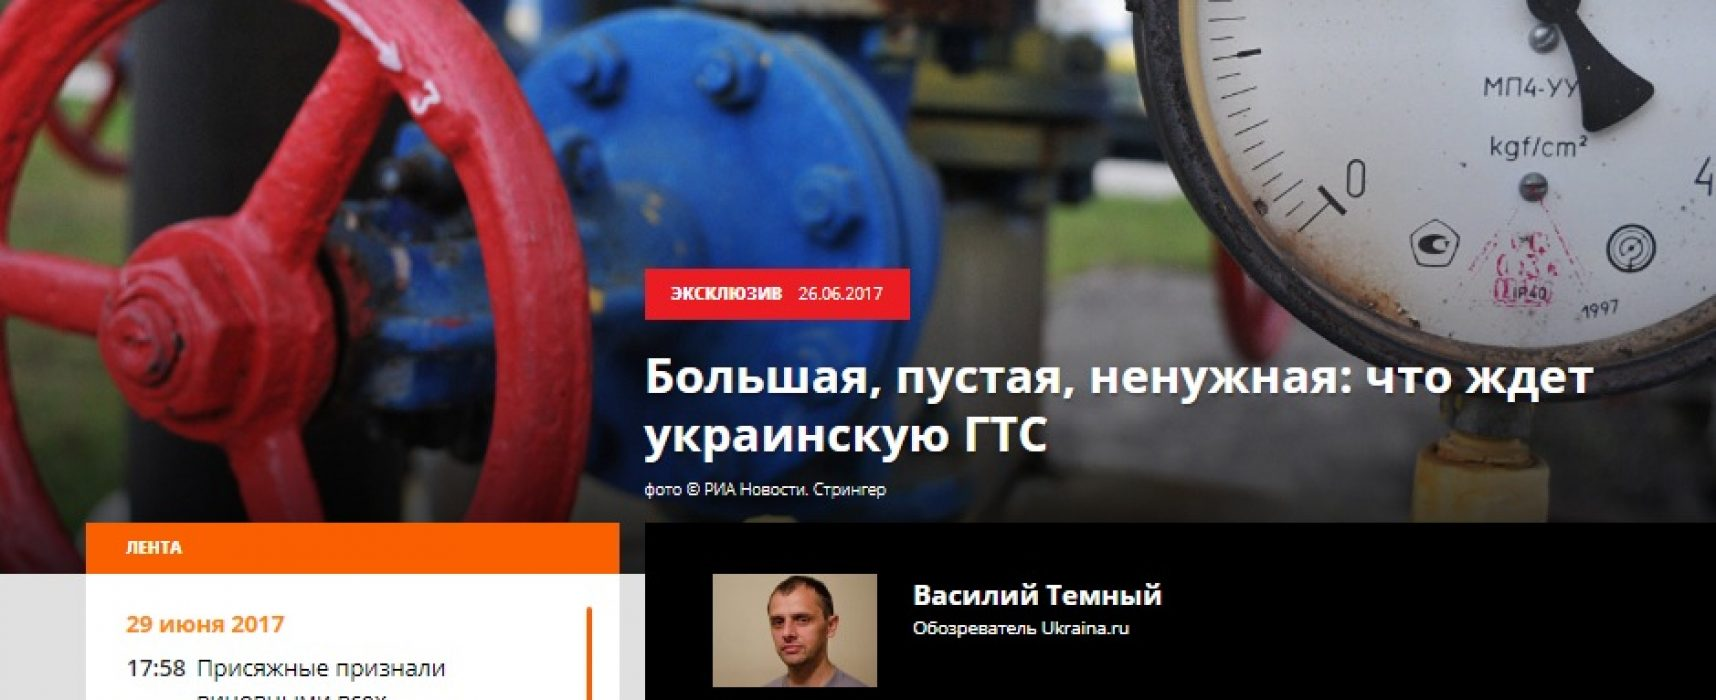 Фейк: После завершения строительства «Северного потока-2» украинская ГТС будет никому не нужна